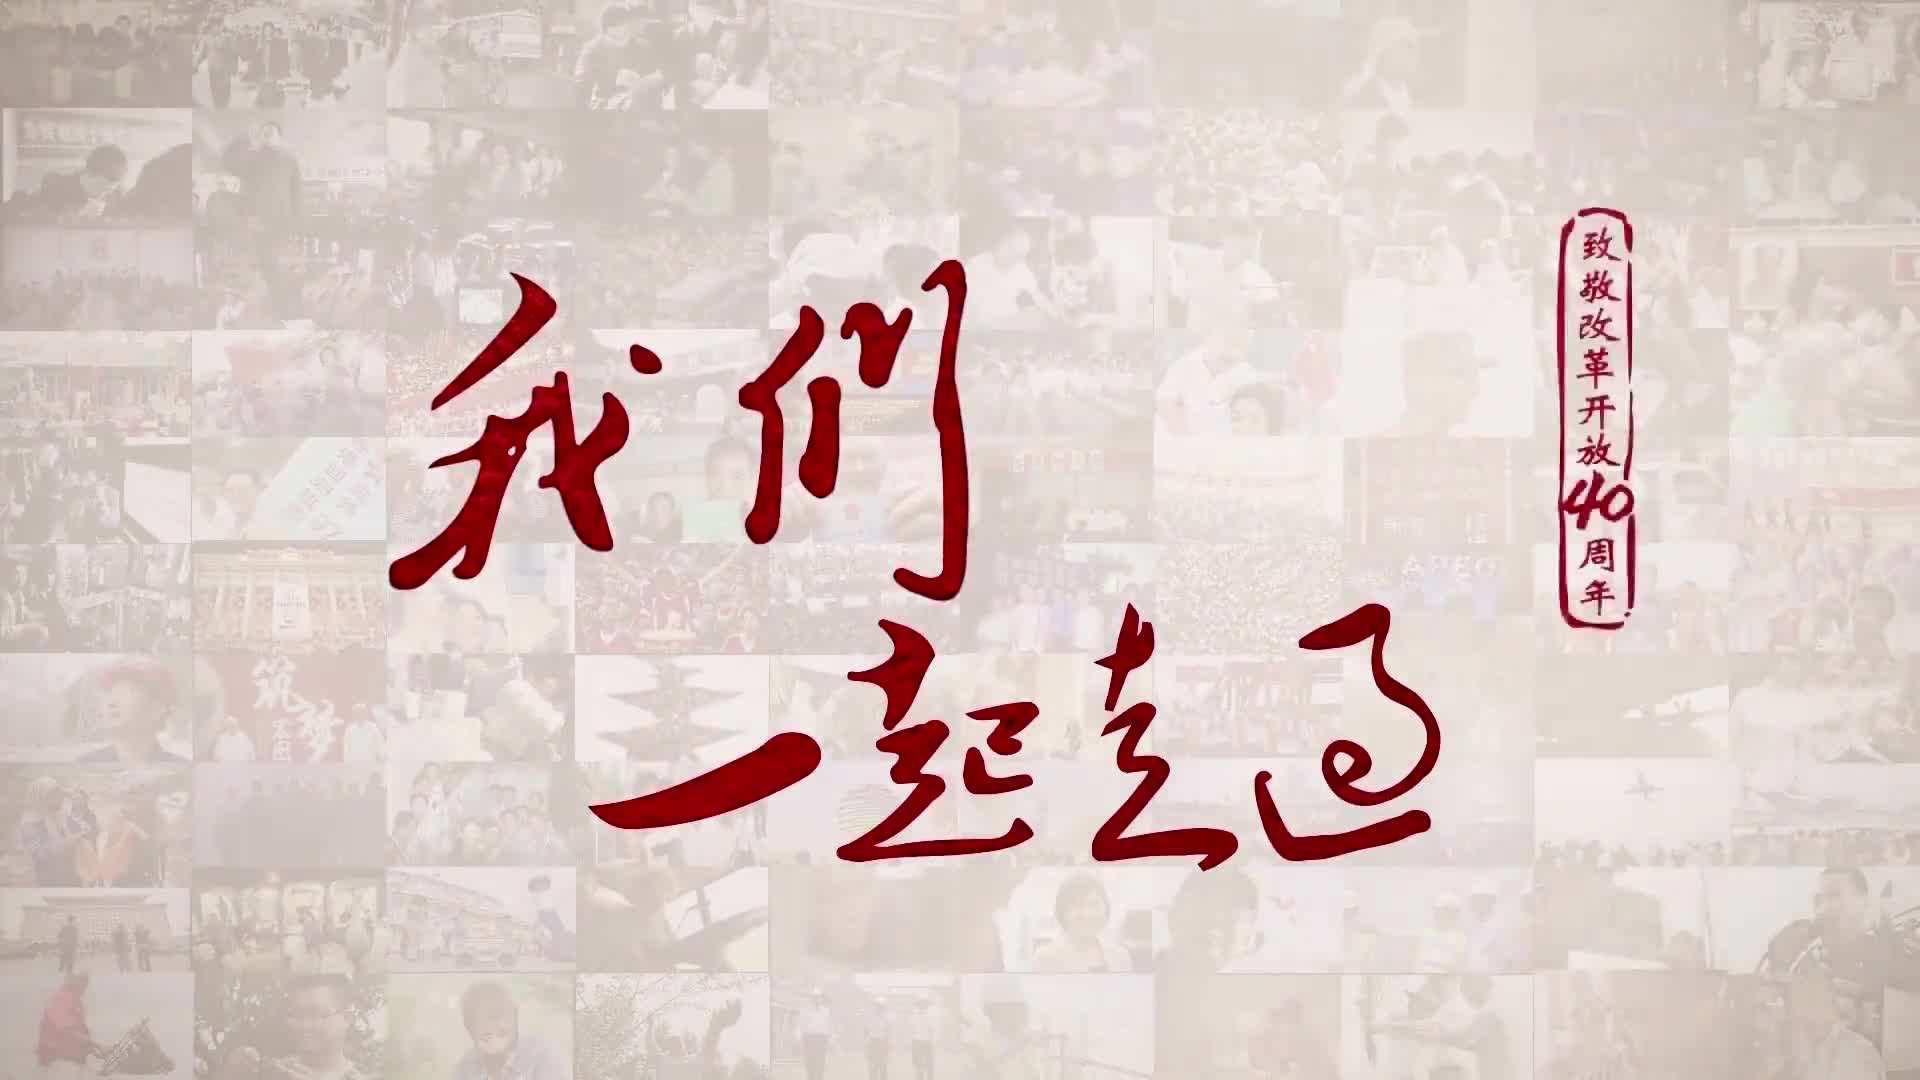 《我们一起走过——致敬改革开放40周年》 第十二集 一个都不能少